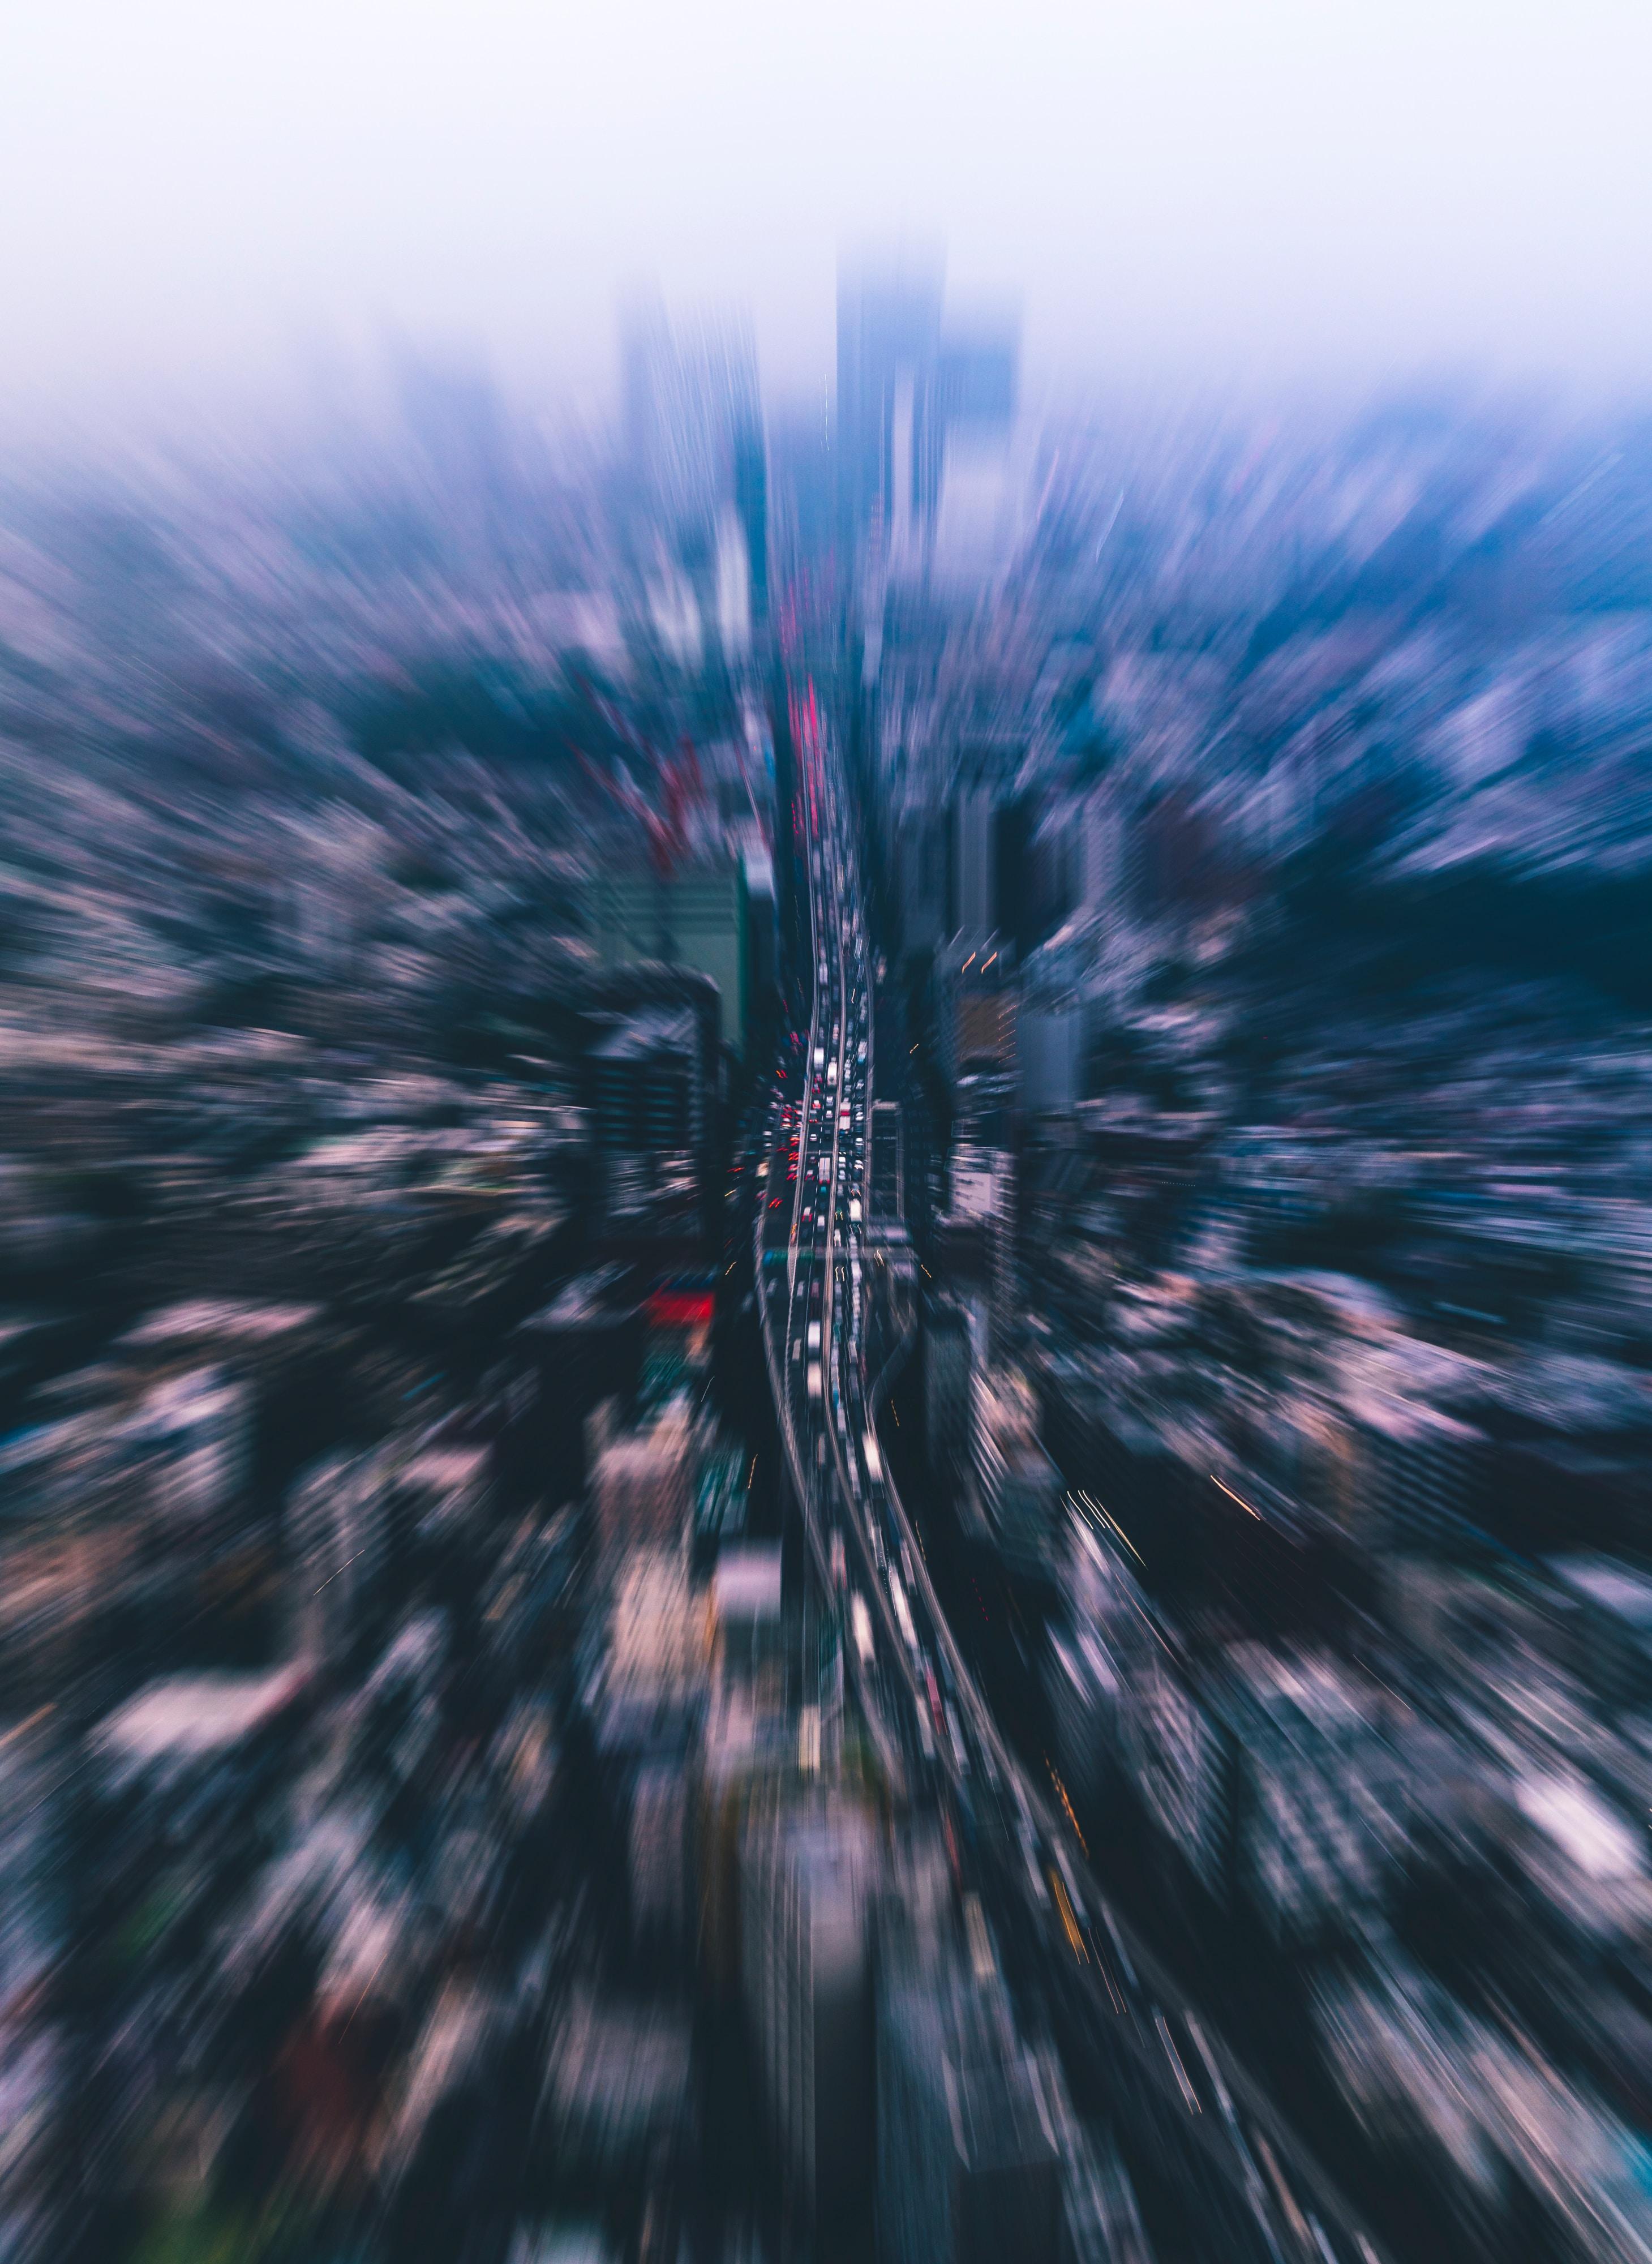 80267壁紙のダウンロード市, 都市, 上から見る, ぼやけ, 滑らか, 建物, 通り-スクリーンセーバーと写真を無料で